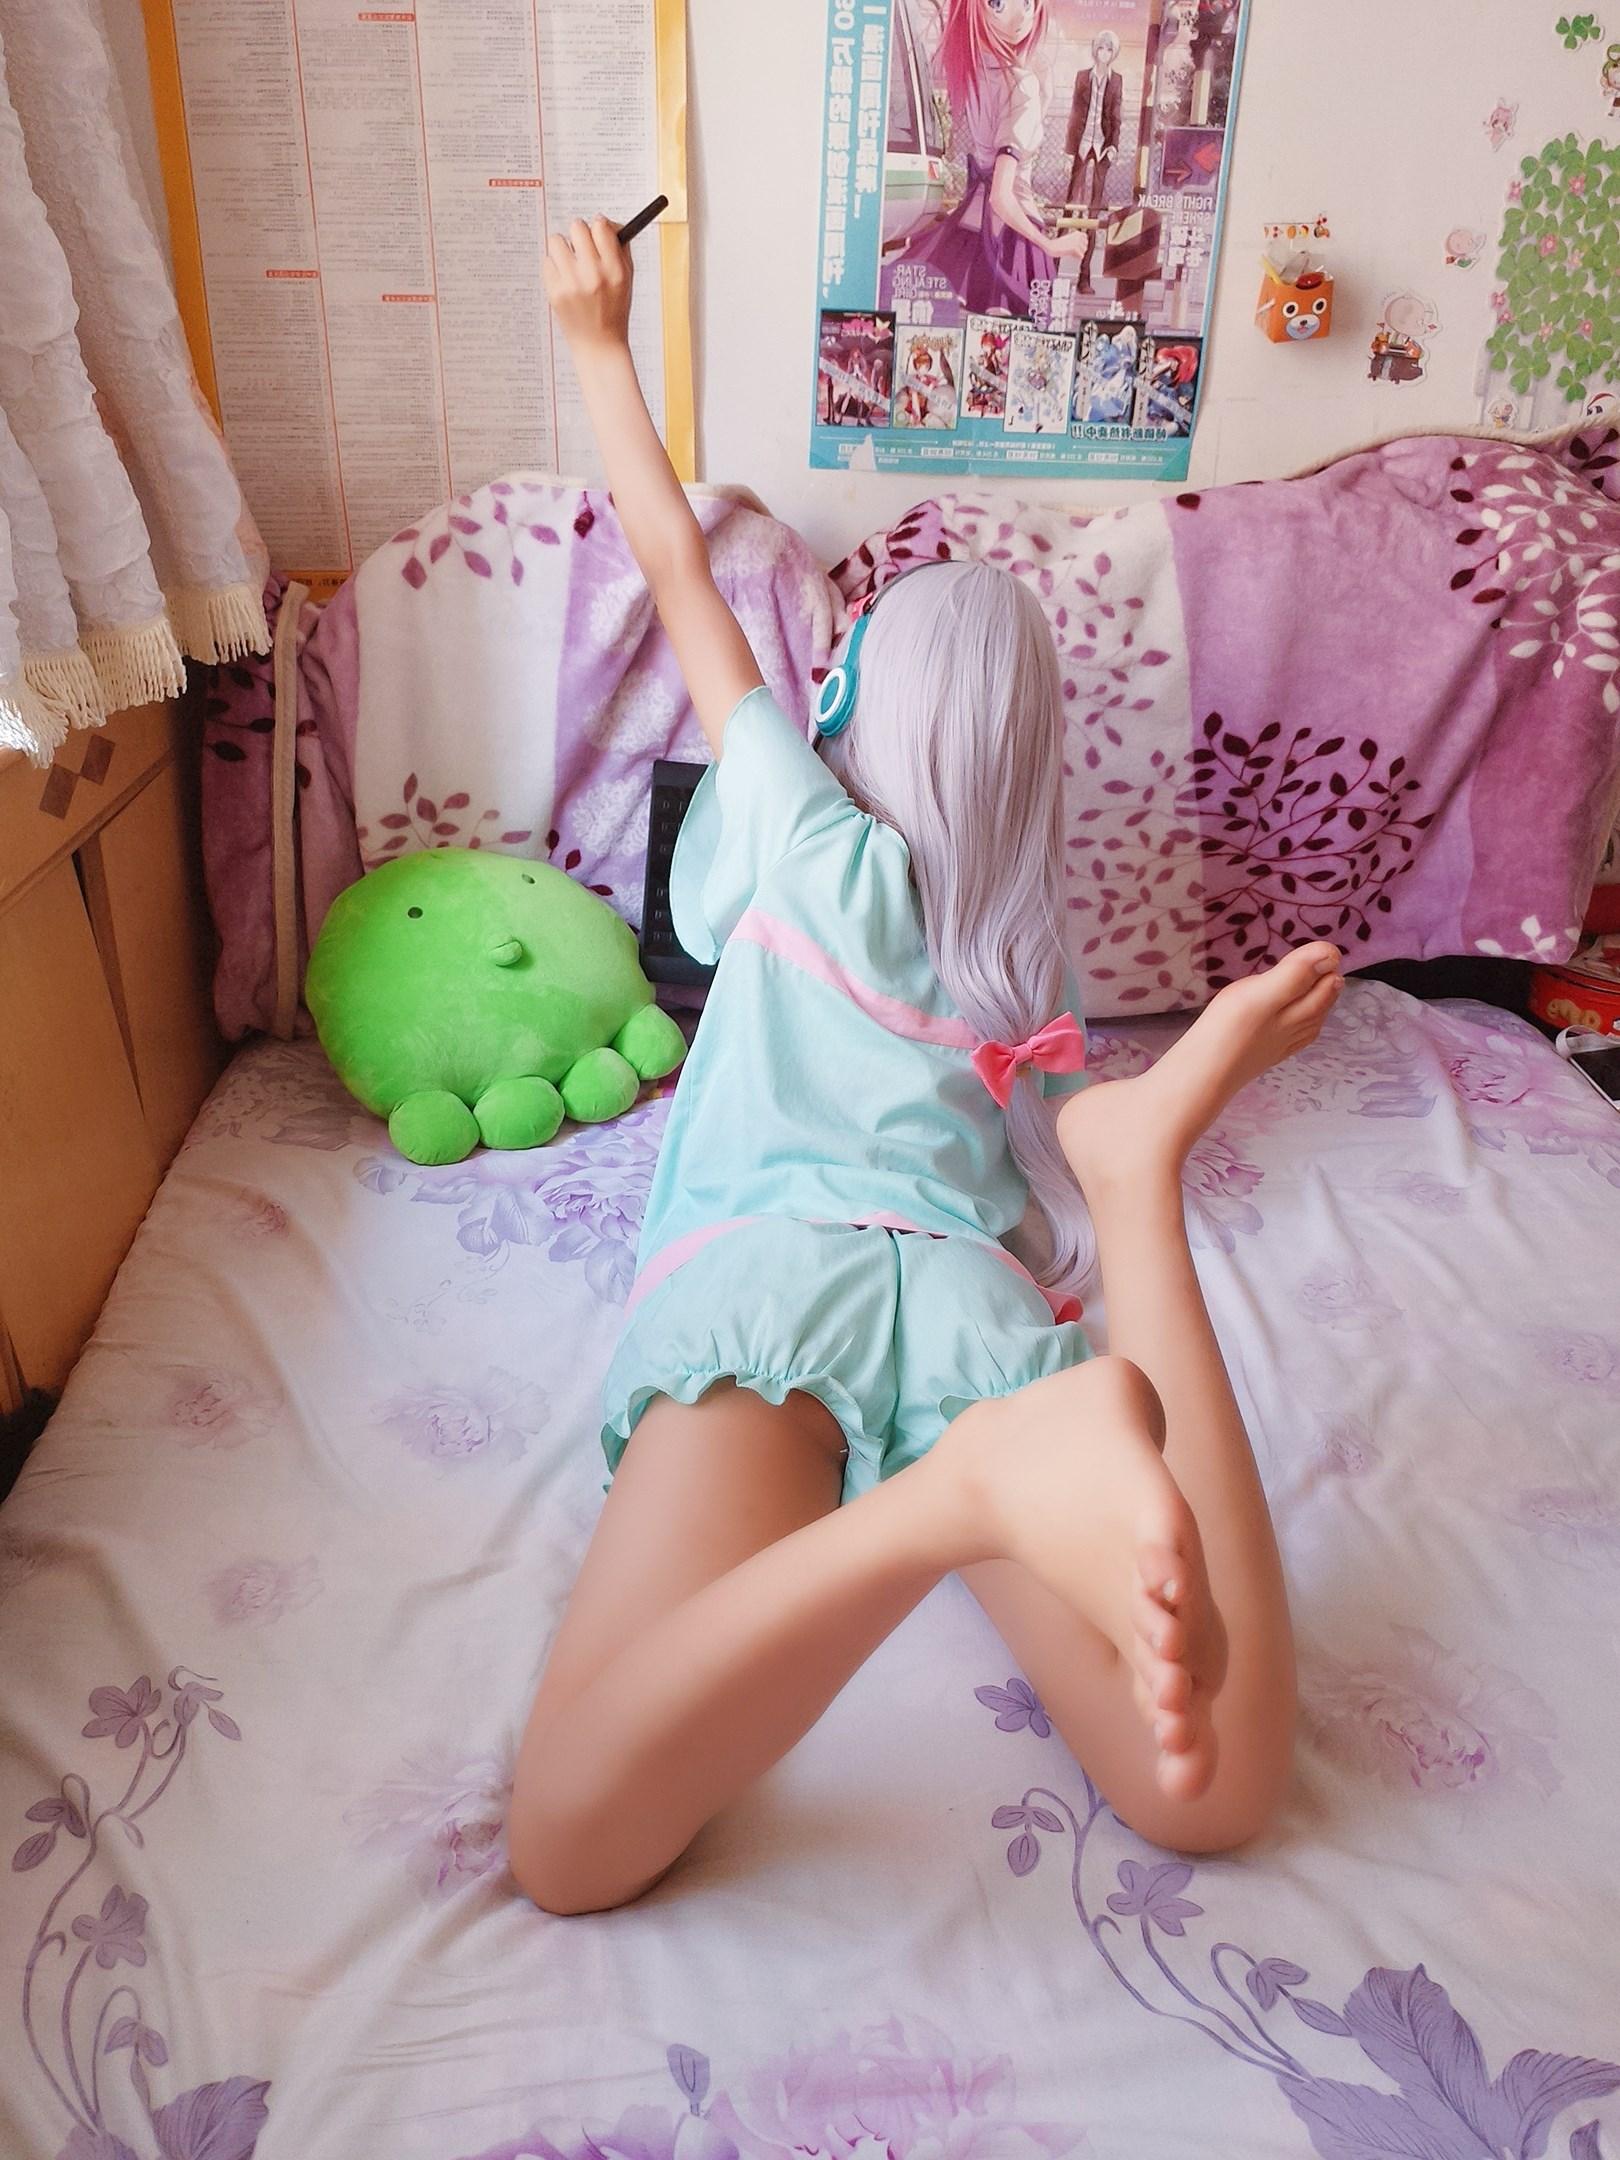 【兔玩映画】萝莉的果腿 兔玩映画 第42张